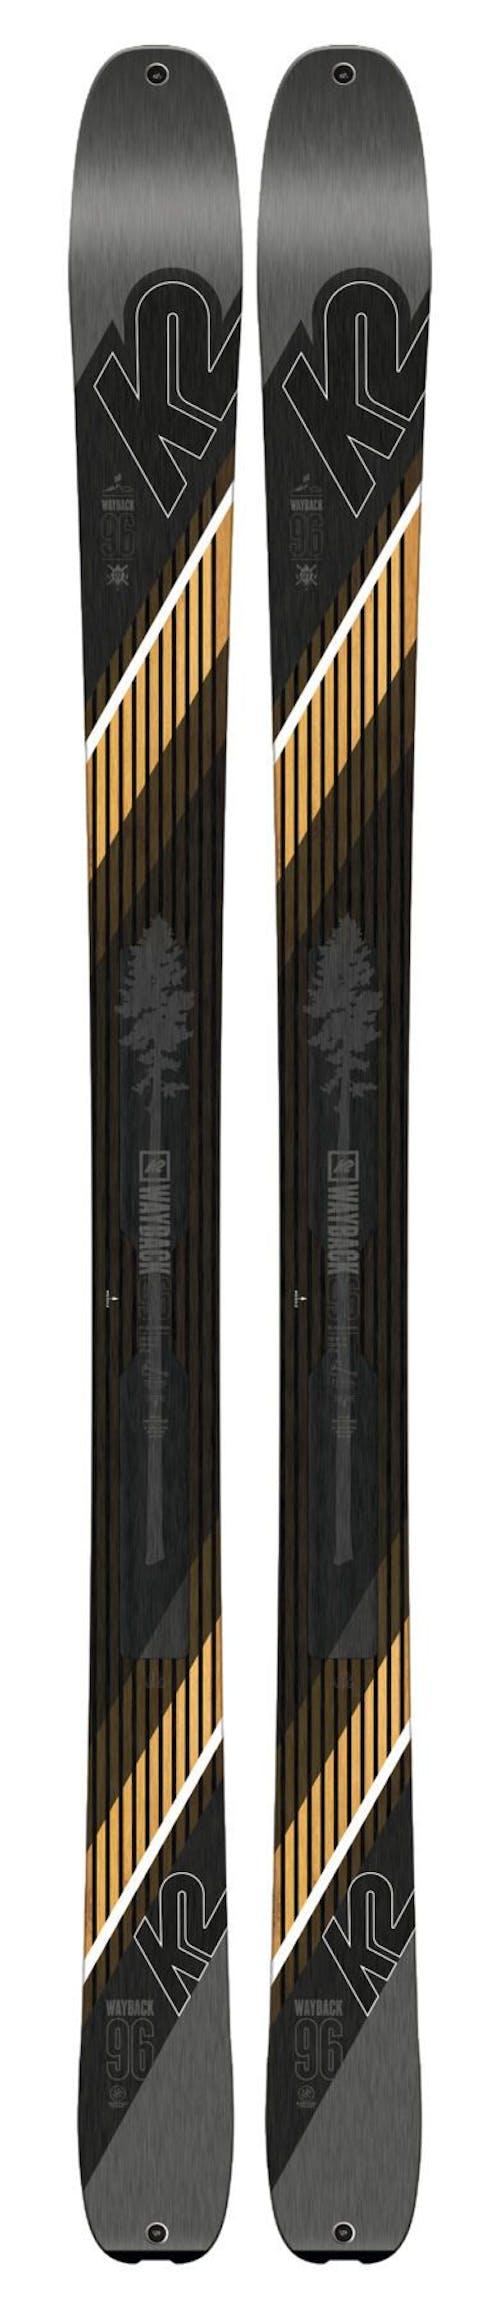 K2 Wayback 96 Skis · 2020